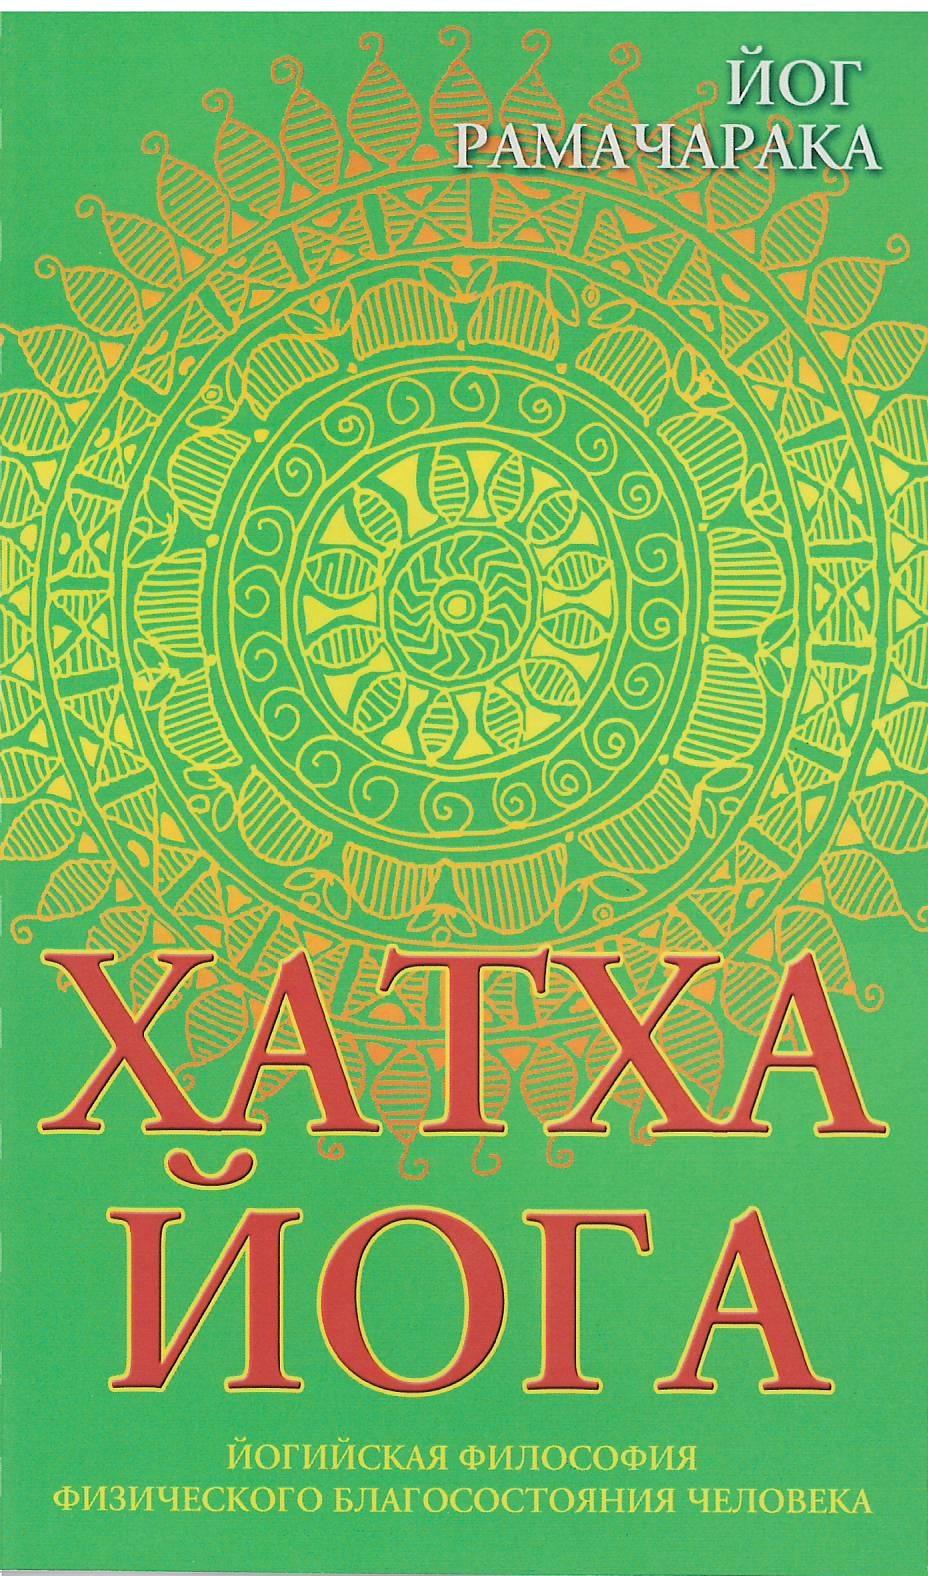 Хатха-йога. 8-е изд. Йогийская философия физического благосостояния человека